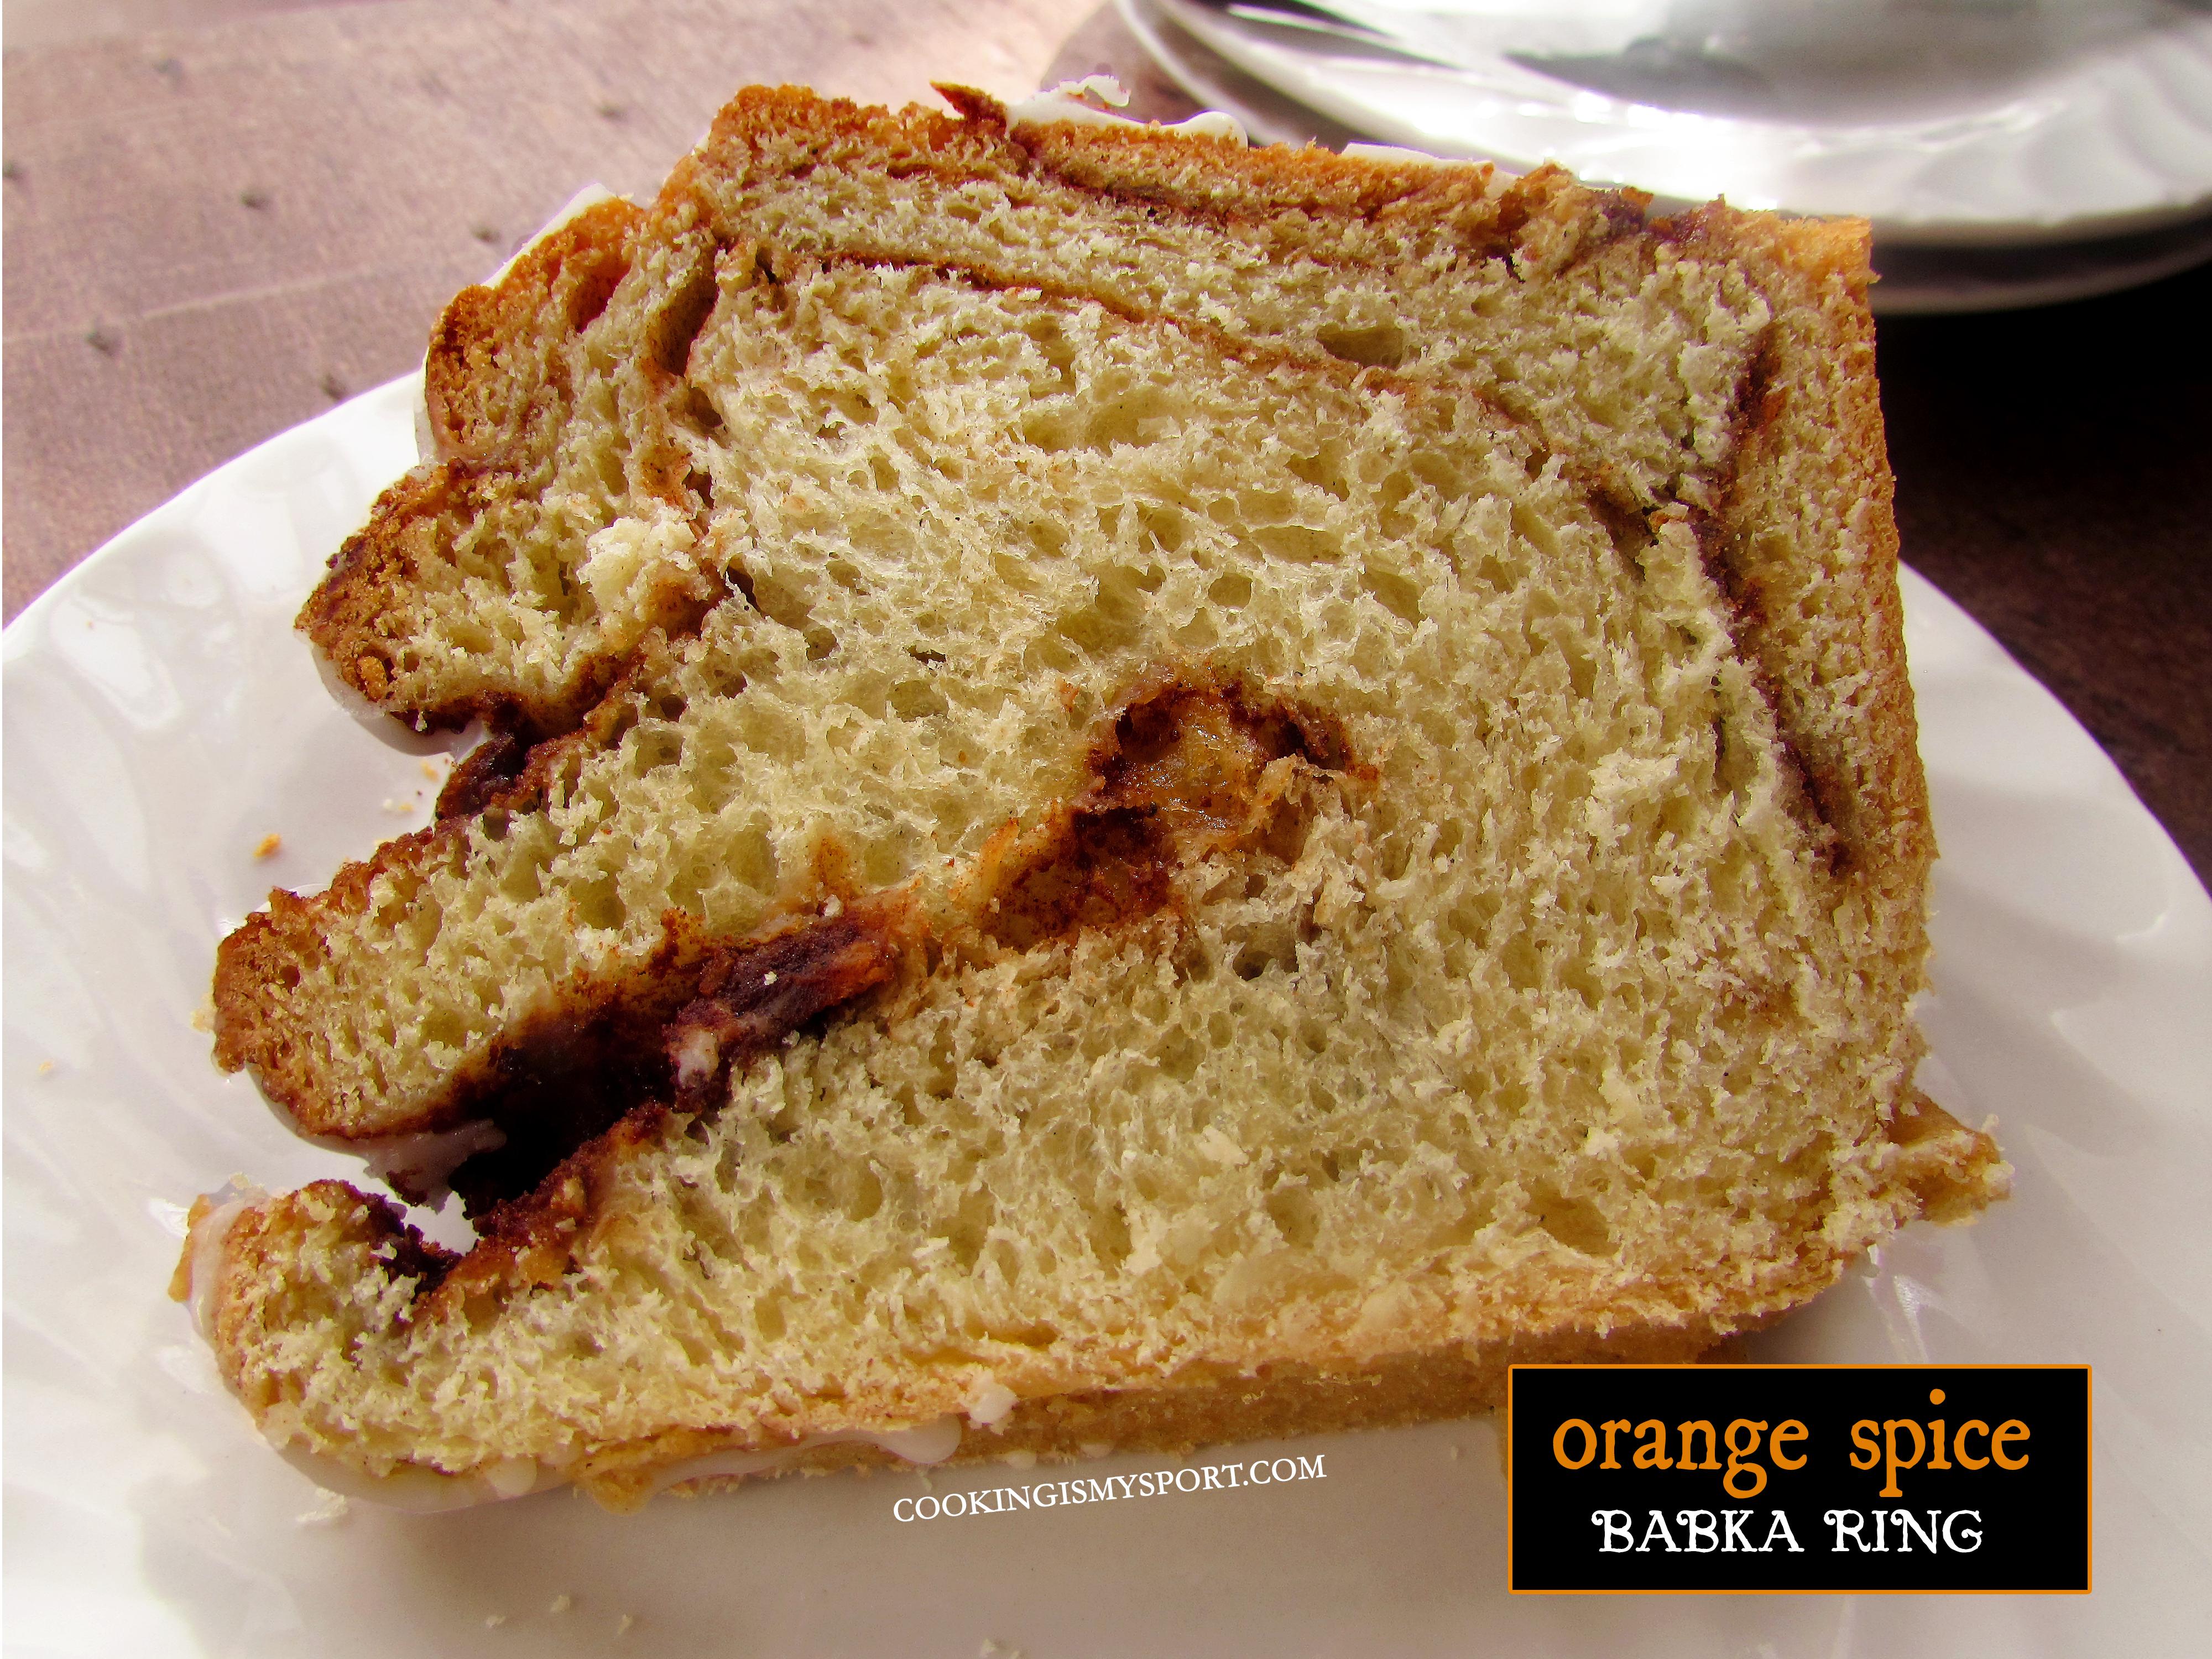 Orange Spice Babka Ring5